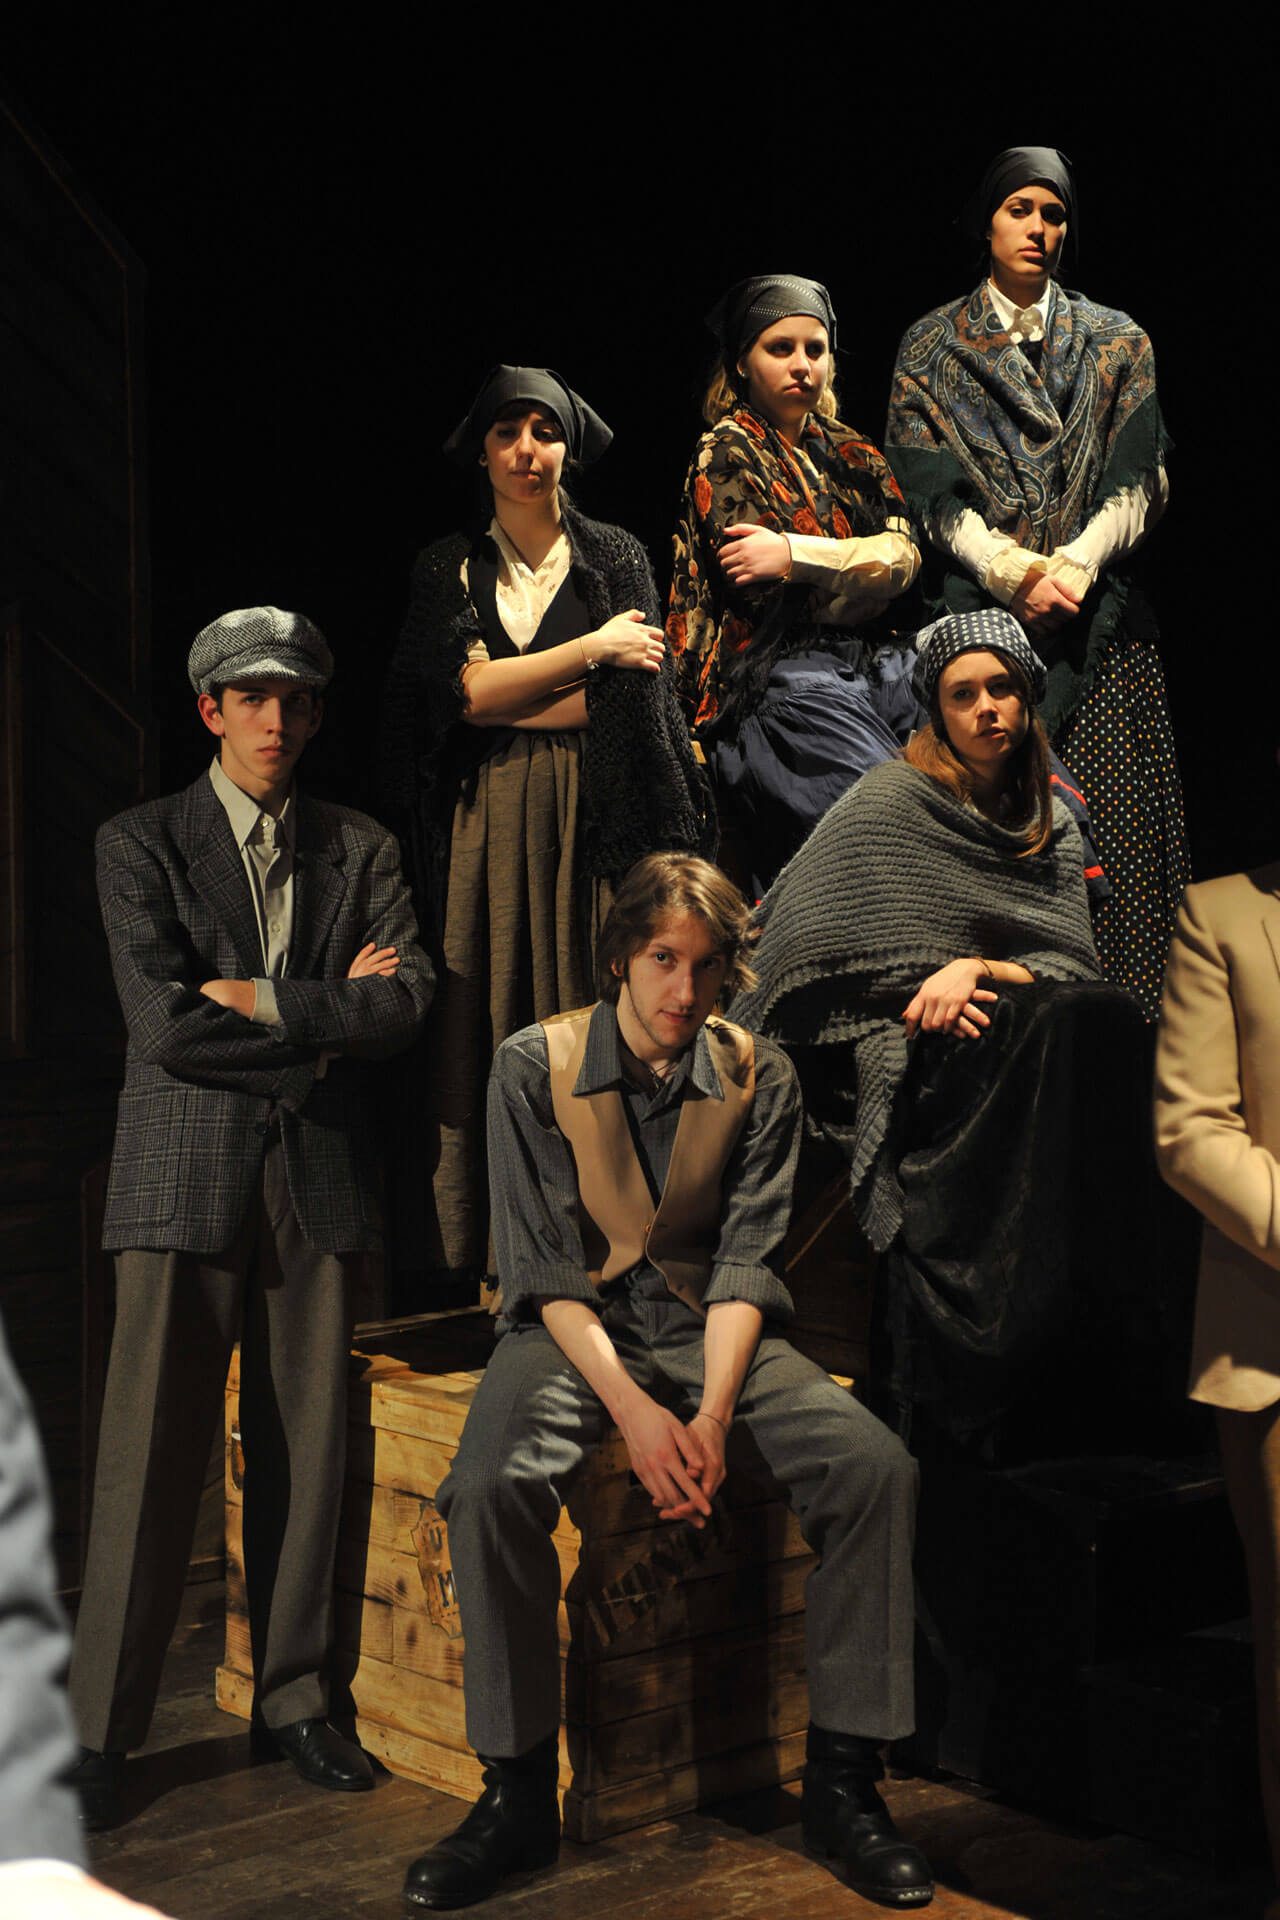 gruppo-teatro-colli-sacco-e-vanzetti-2009-9